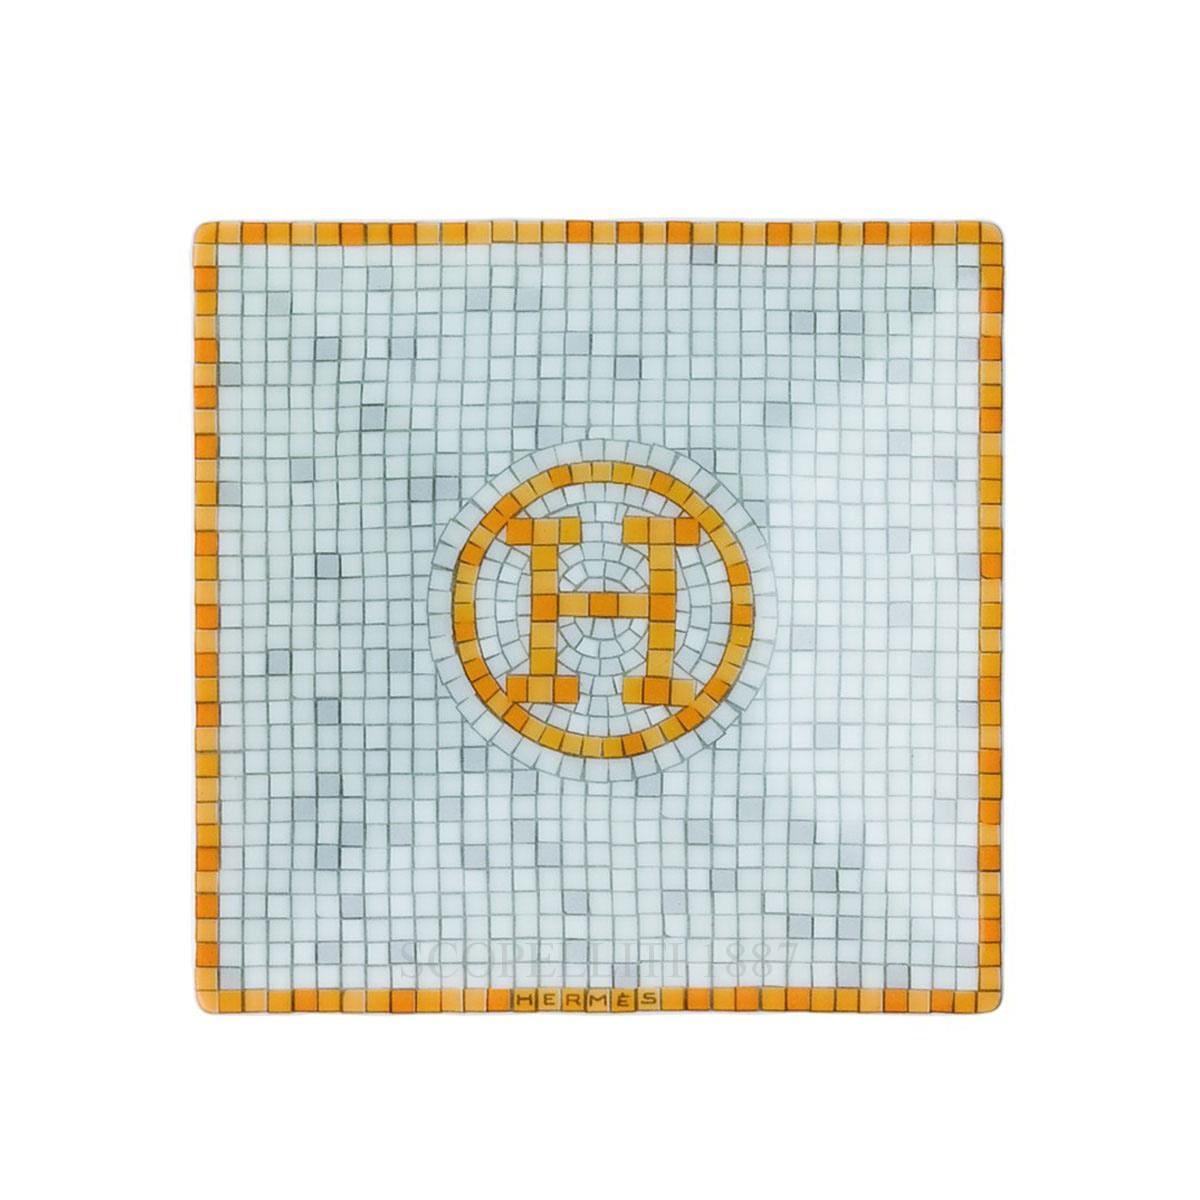 Hermes Mosaique au 24 Square Plate n°1